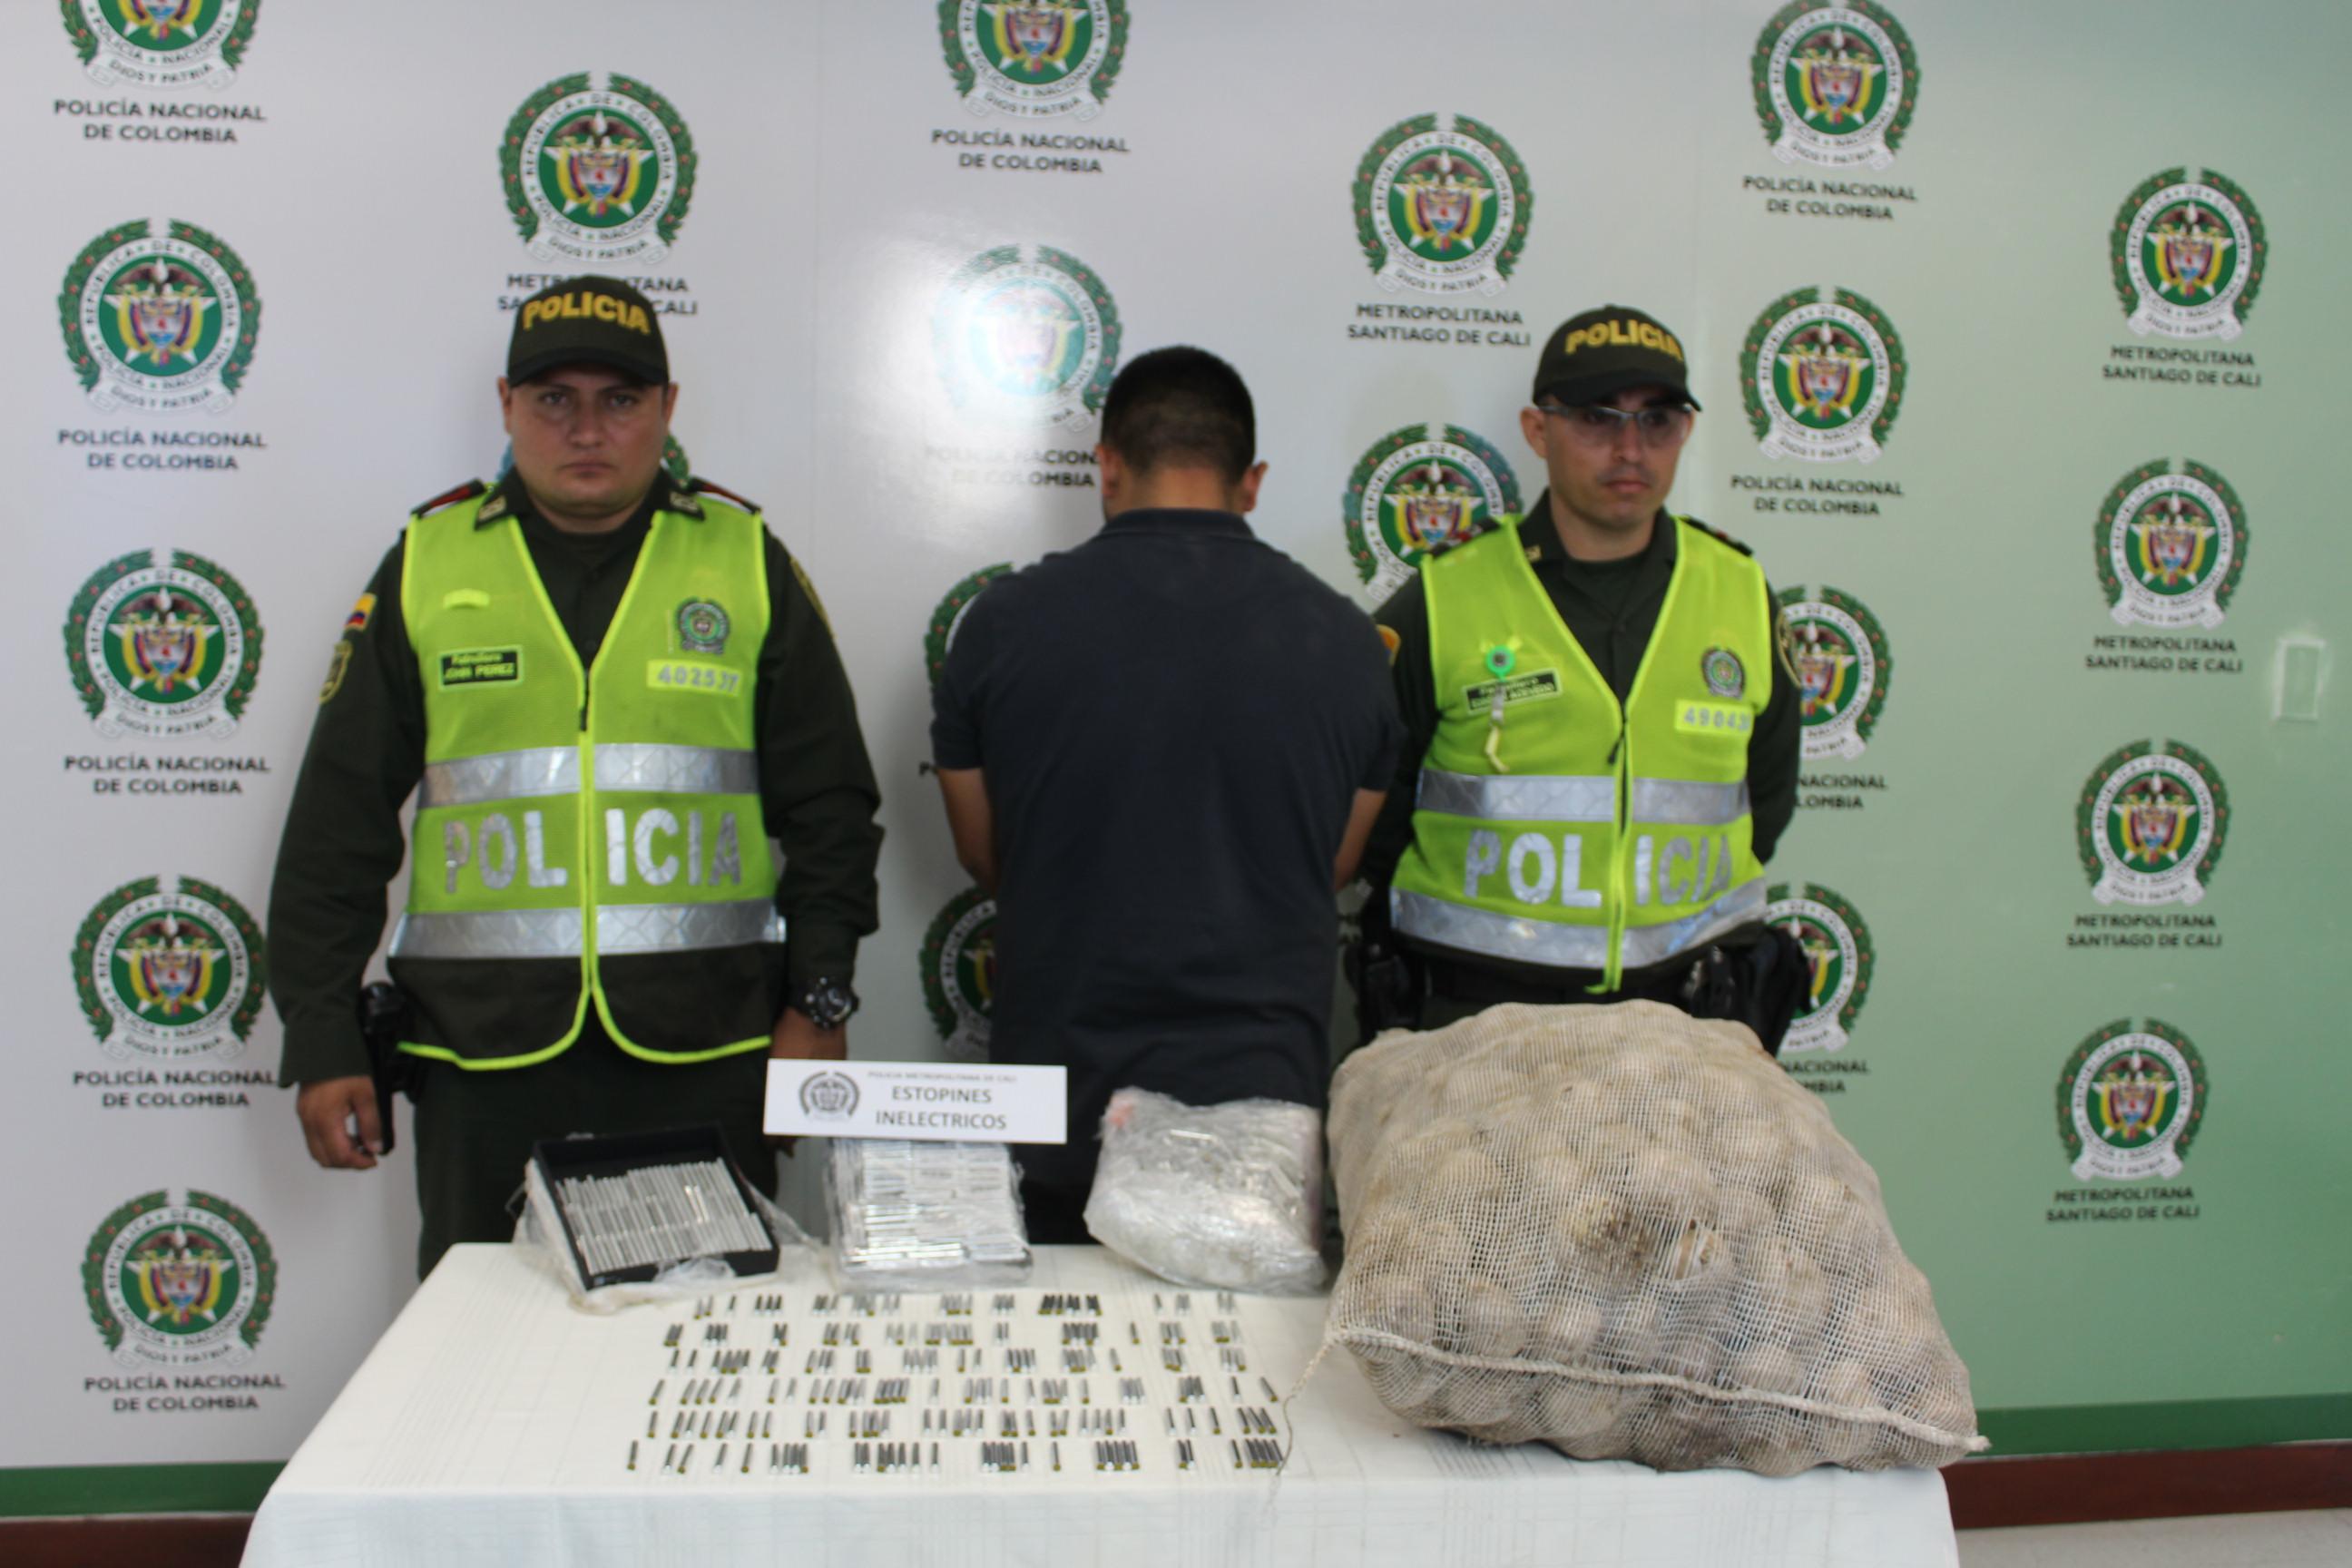 Llevaban estopines y marihuana camuflados en bultos de papa y en una nevera